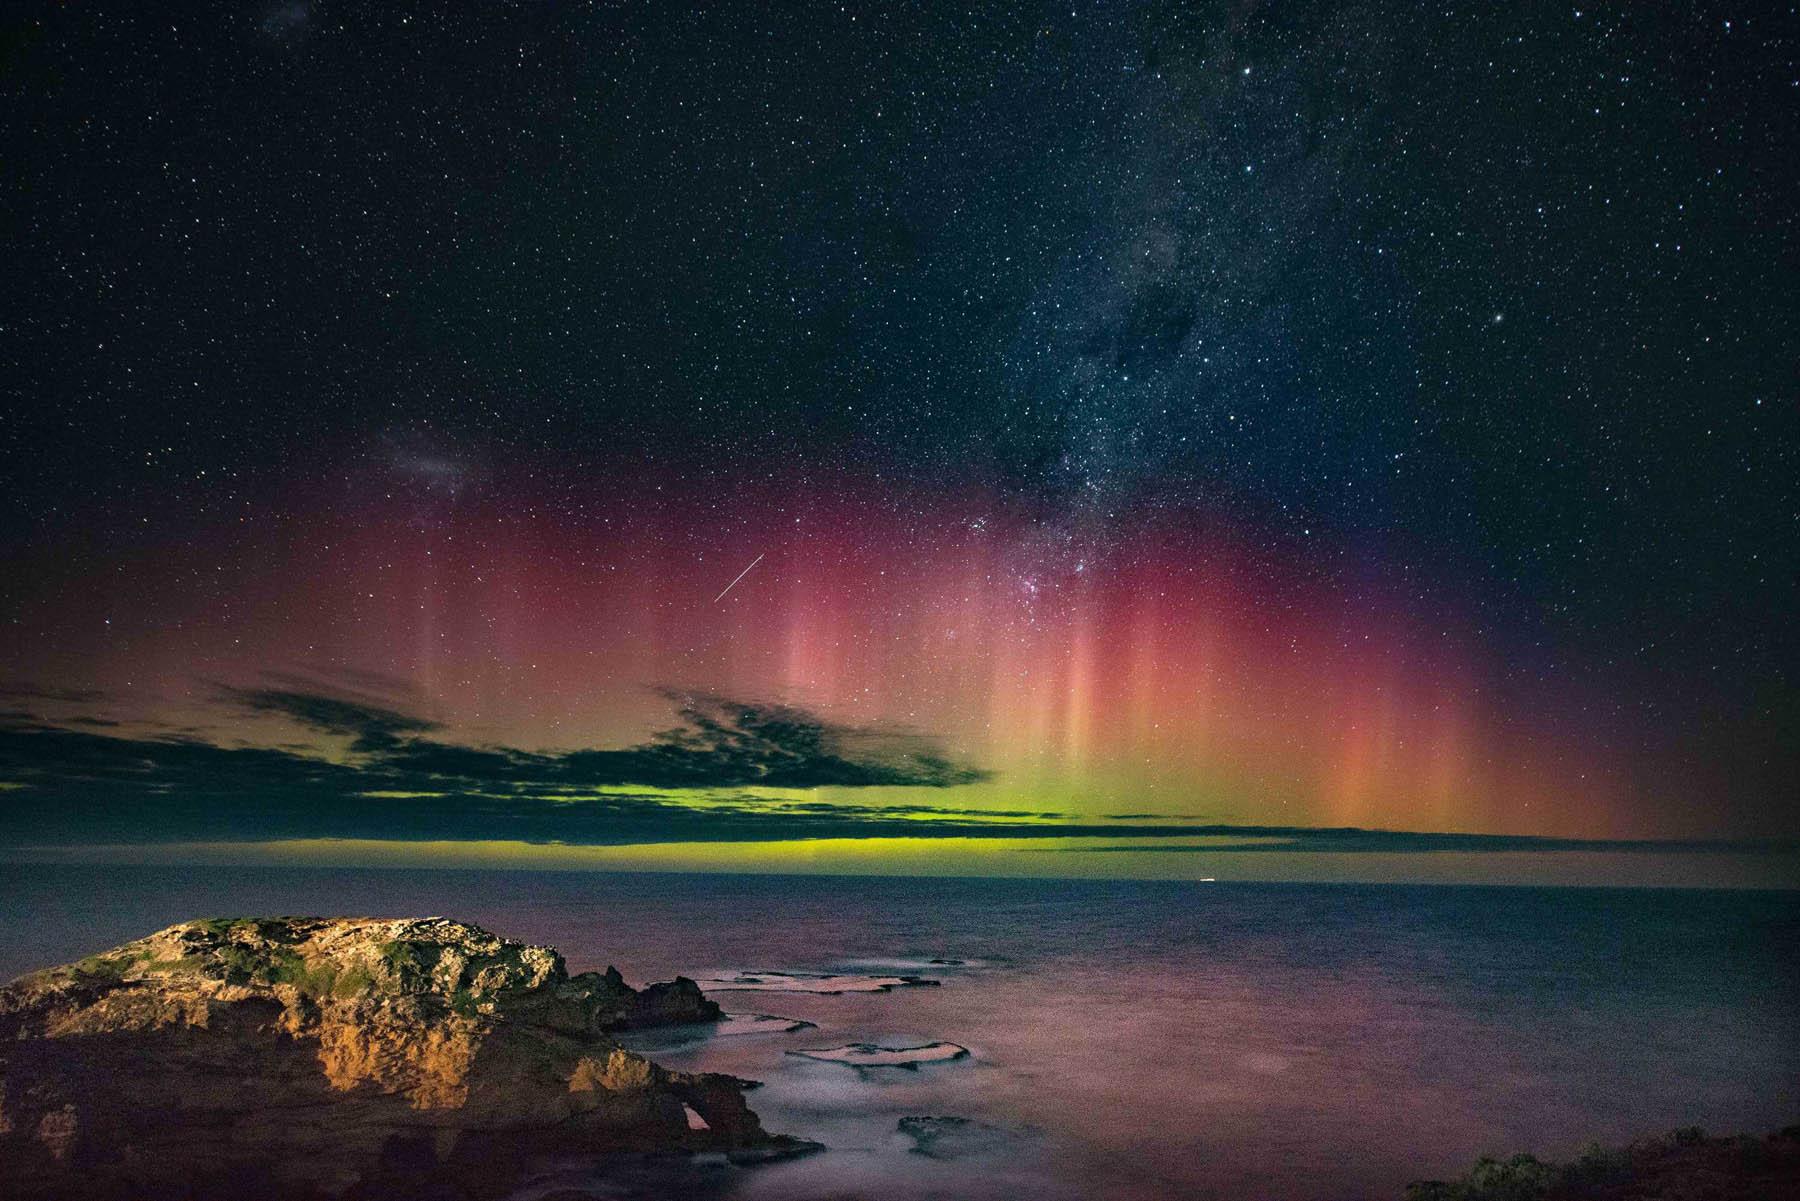 Полярное сияние на горизонте. Австралия.